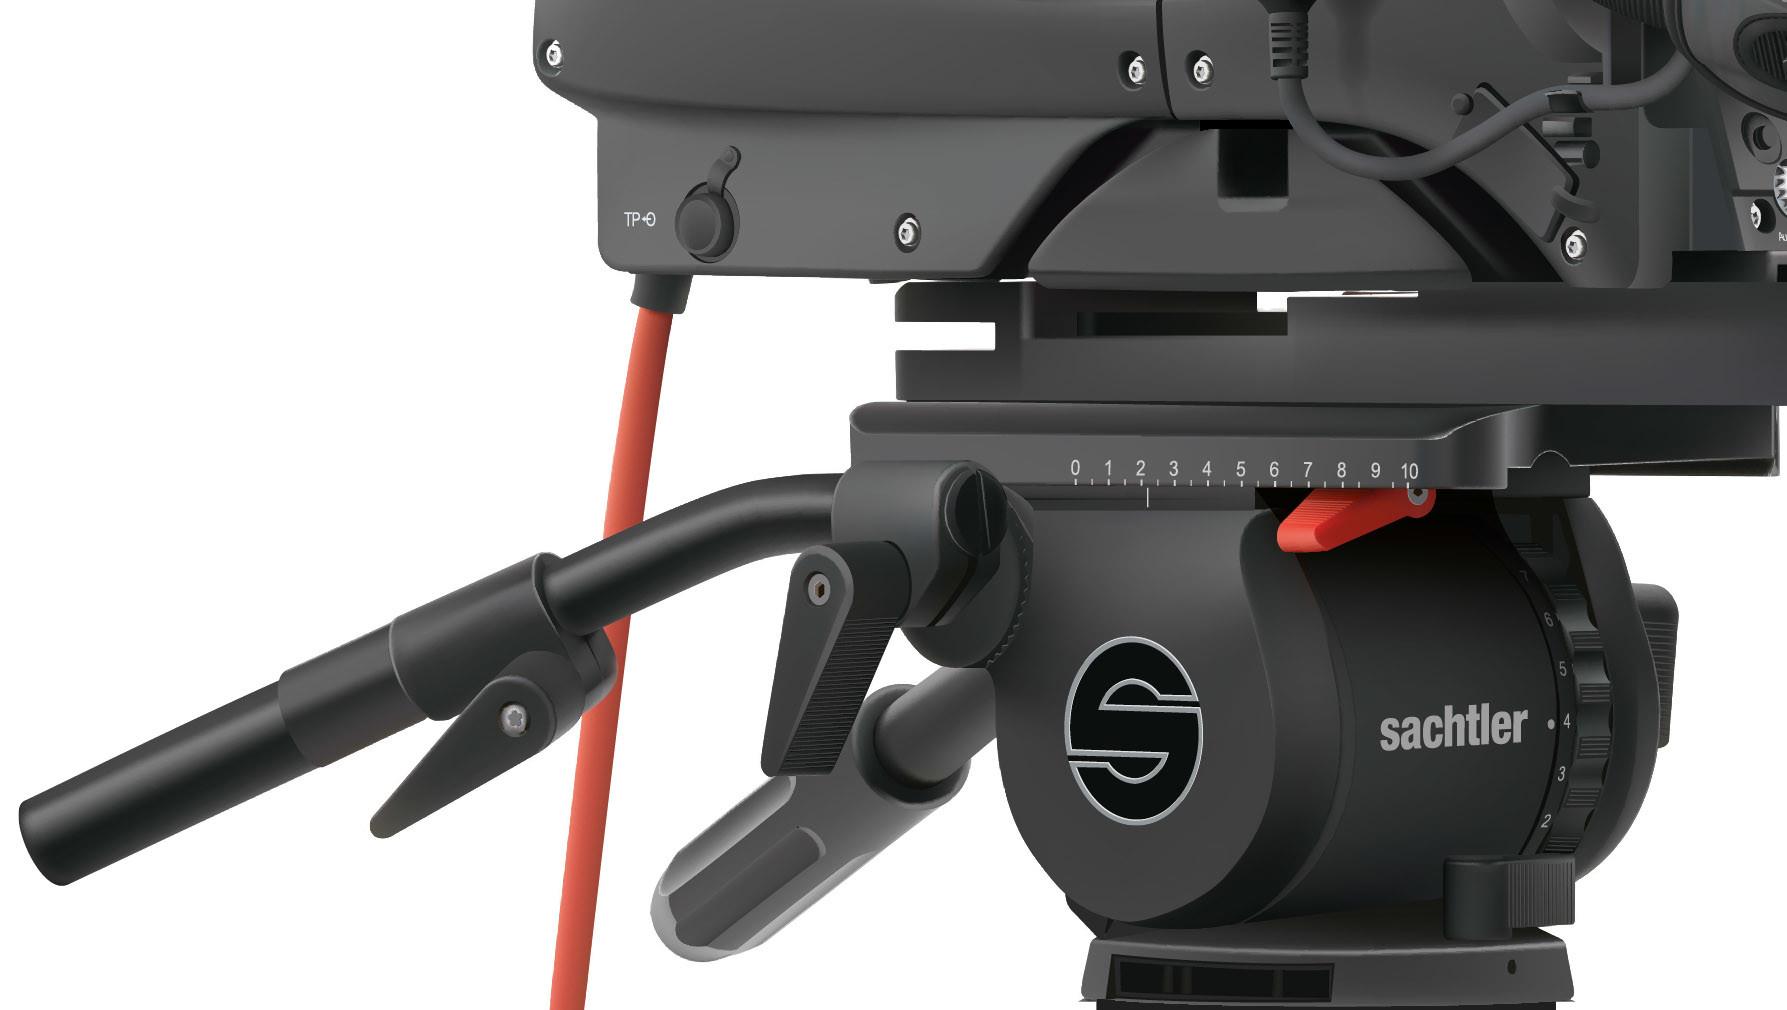 Rajesh sawant camera sachtler close up 1